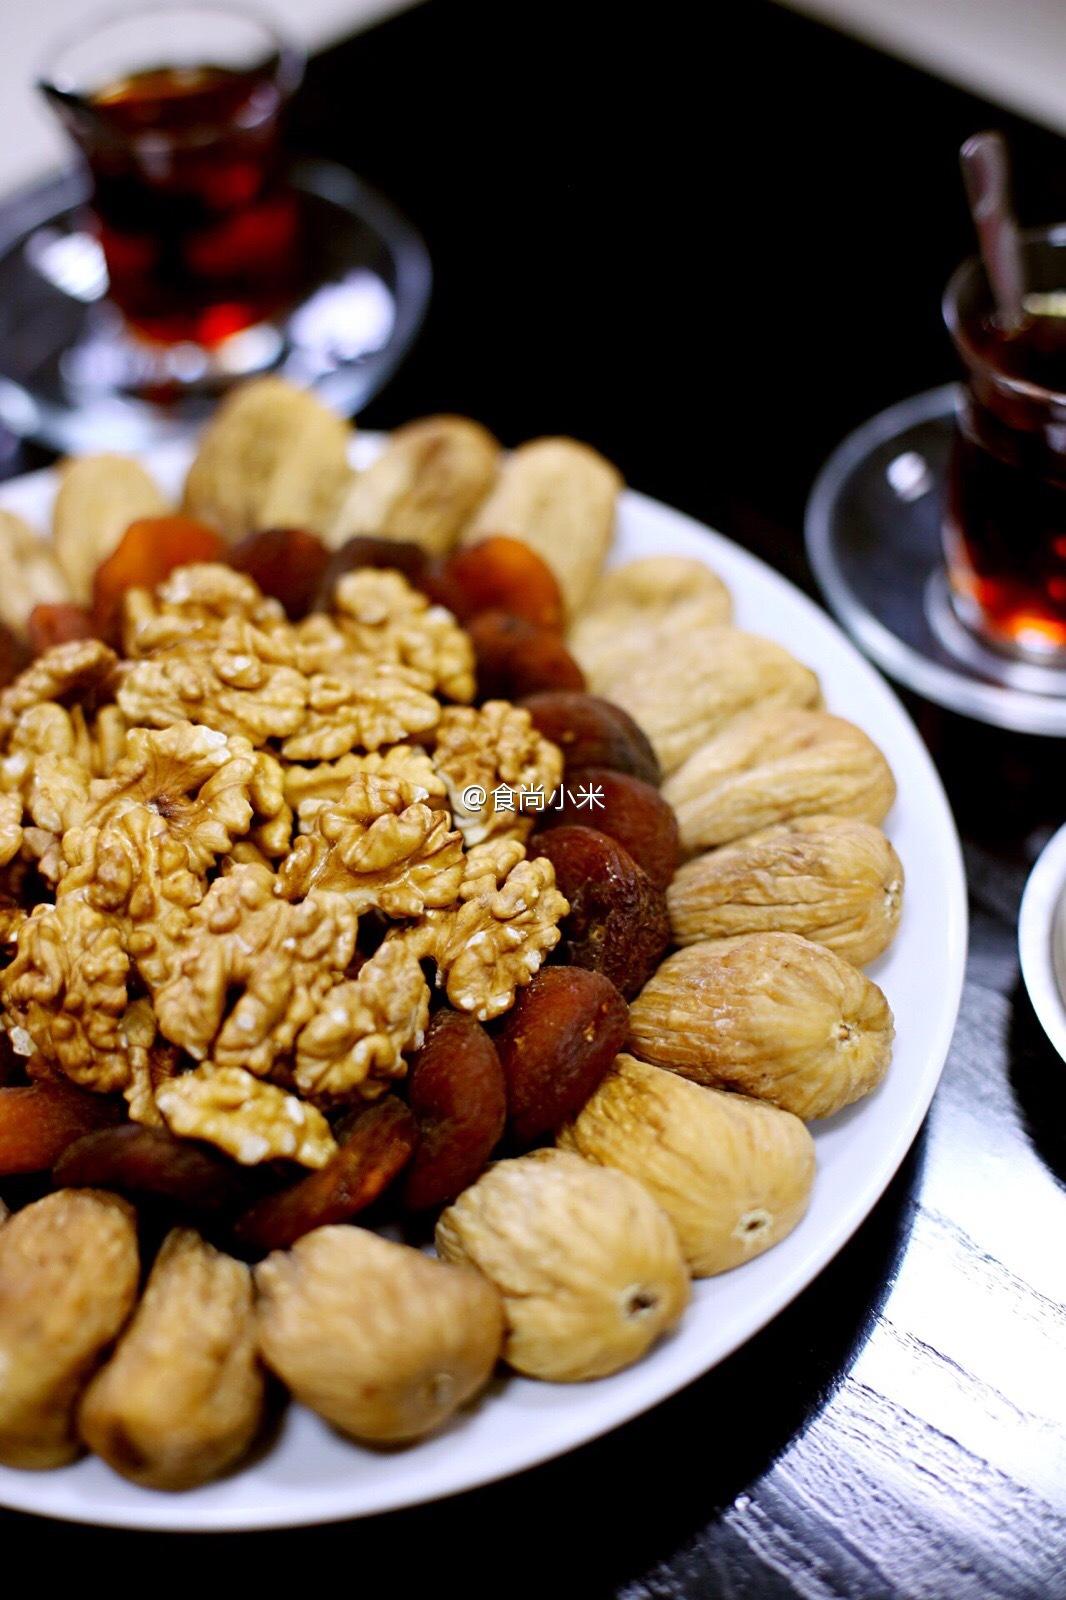 食尚小米土耳其干果美食之旅第二天